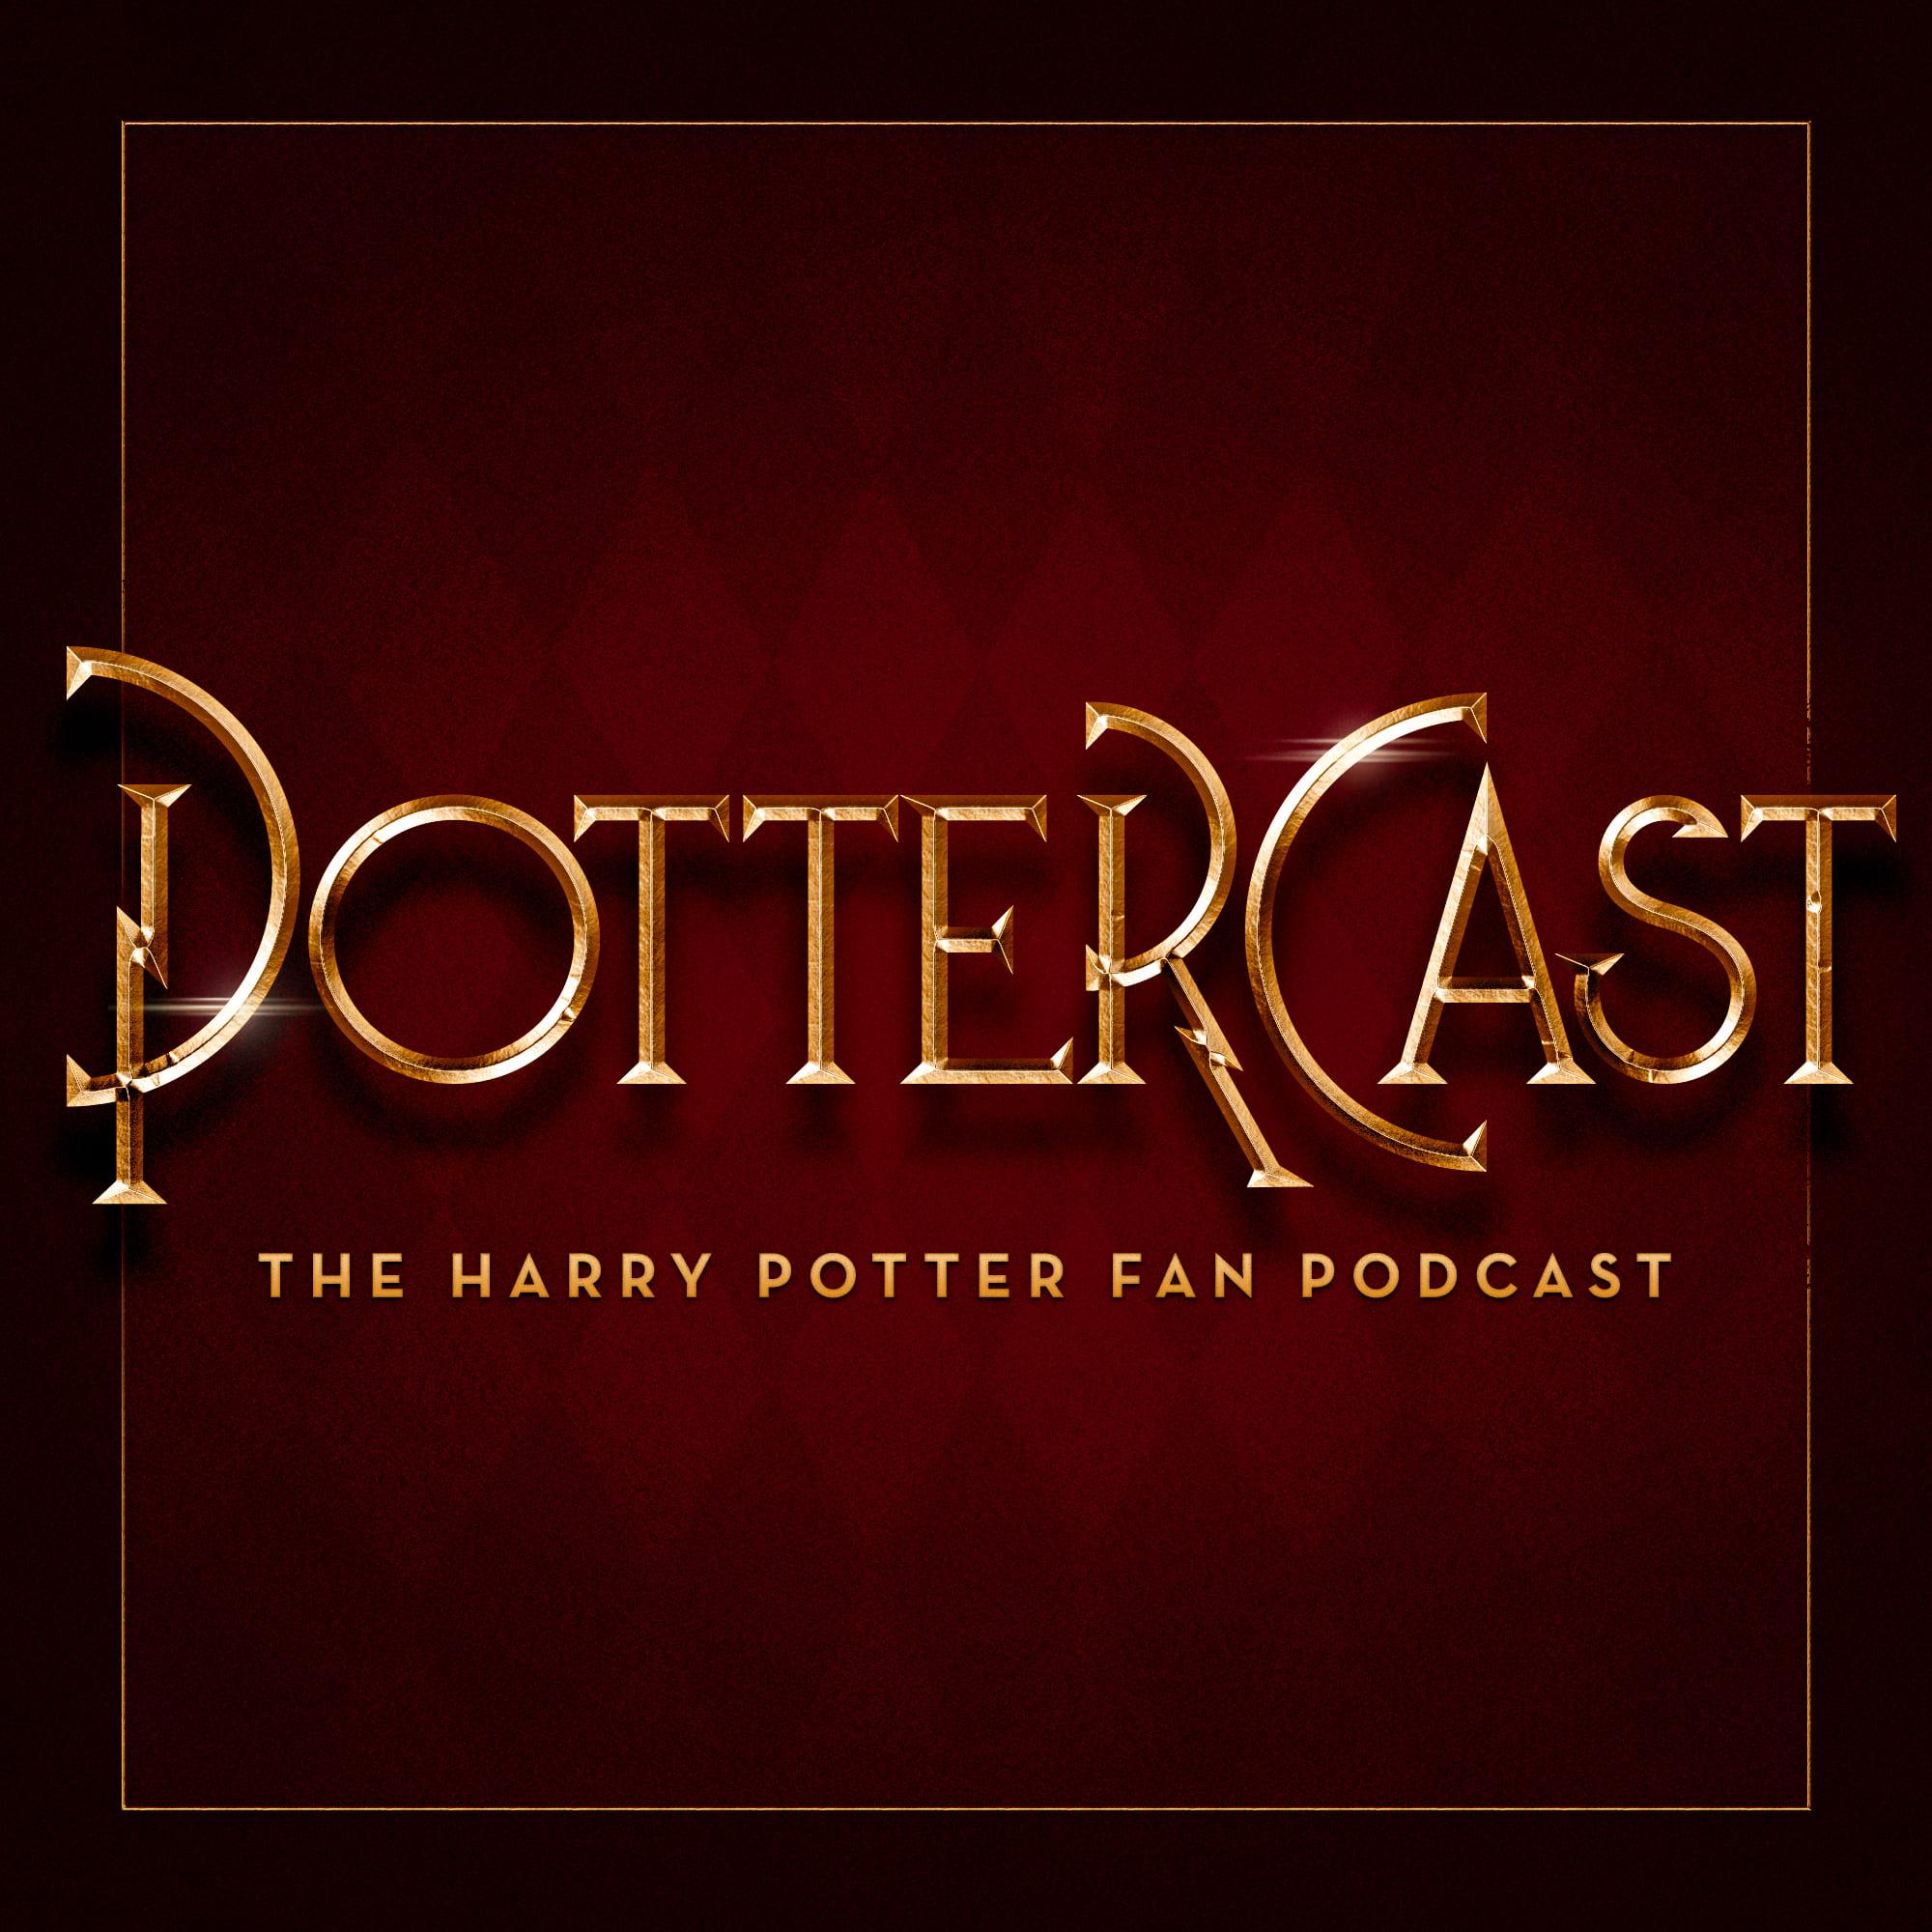 PotterCast: The Harry Potter fandom podcast (Est. 2005) show art